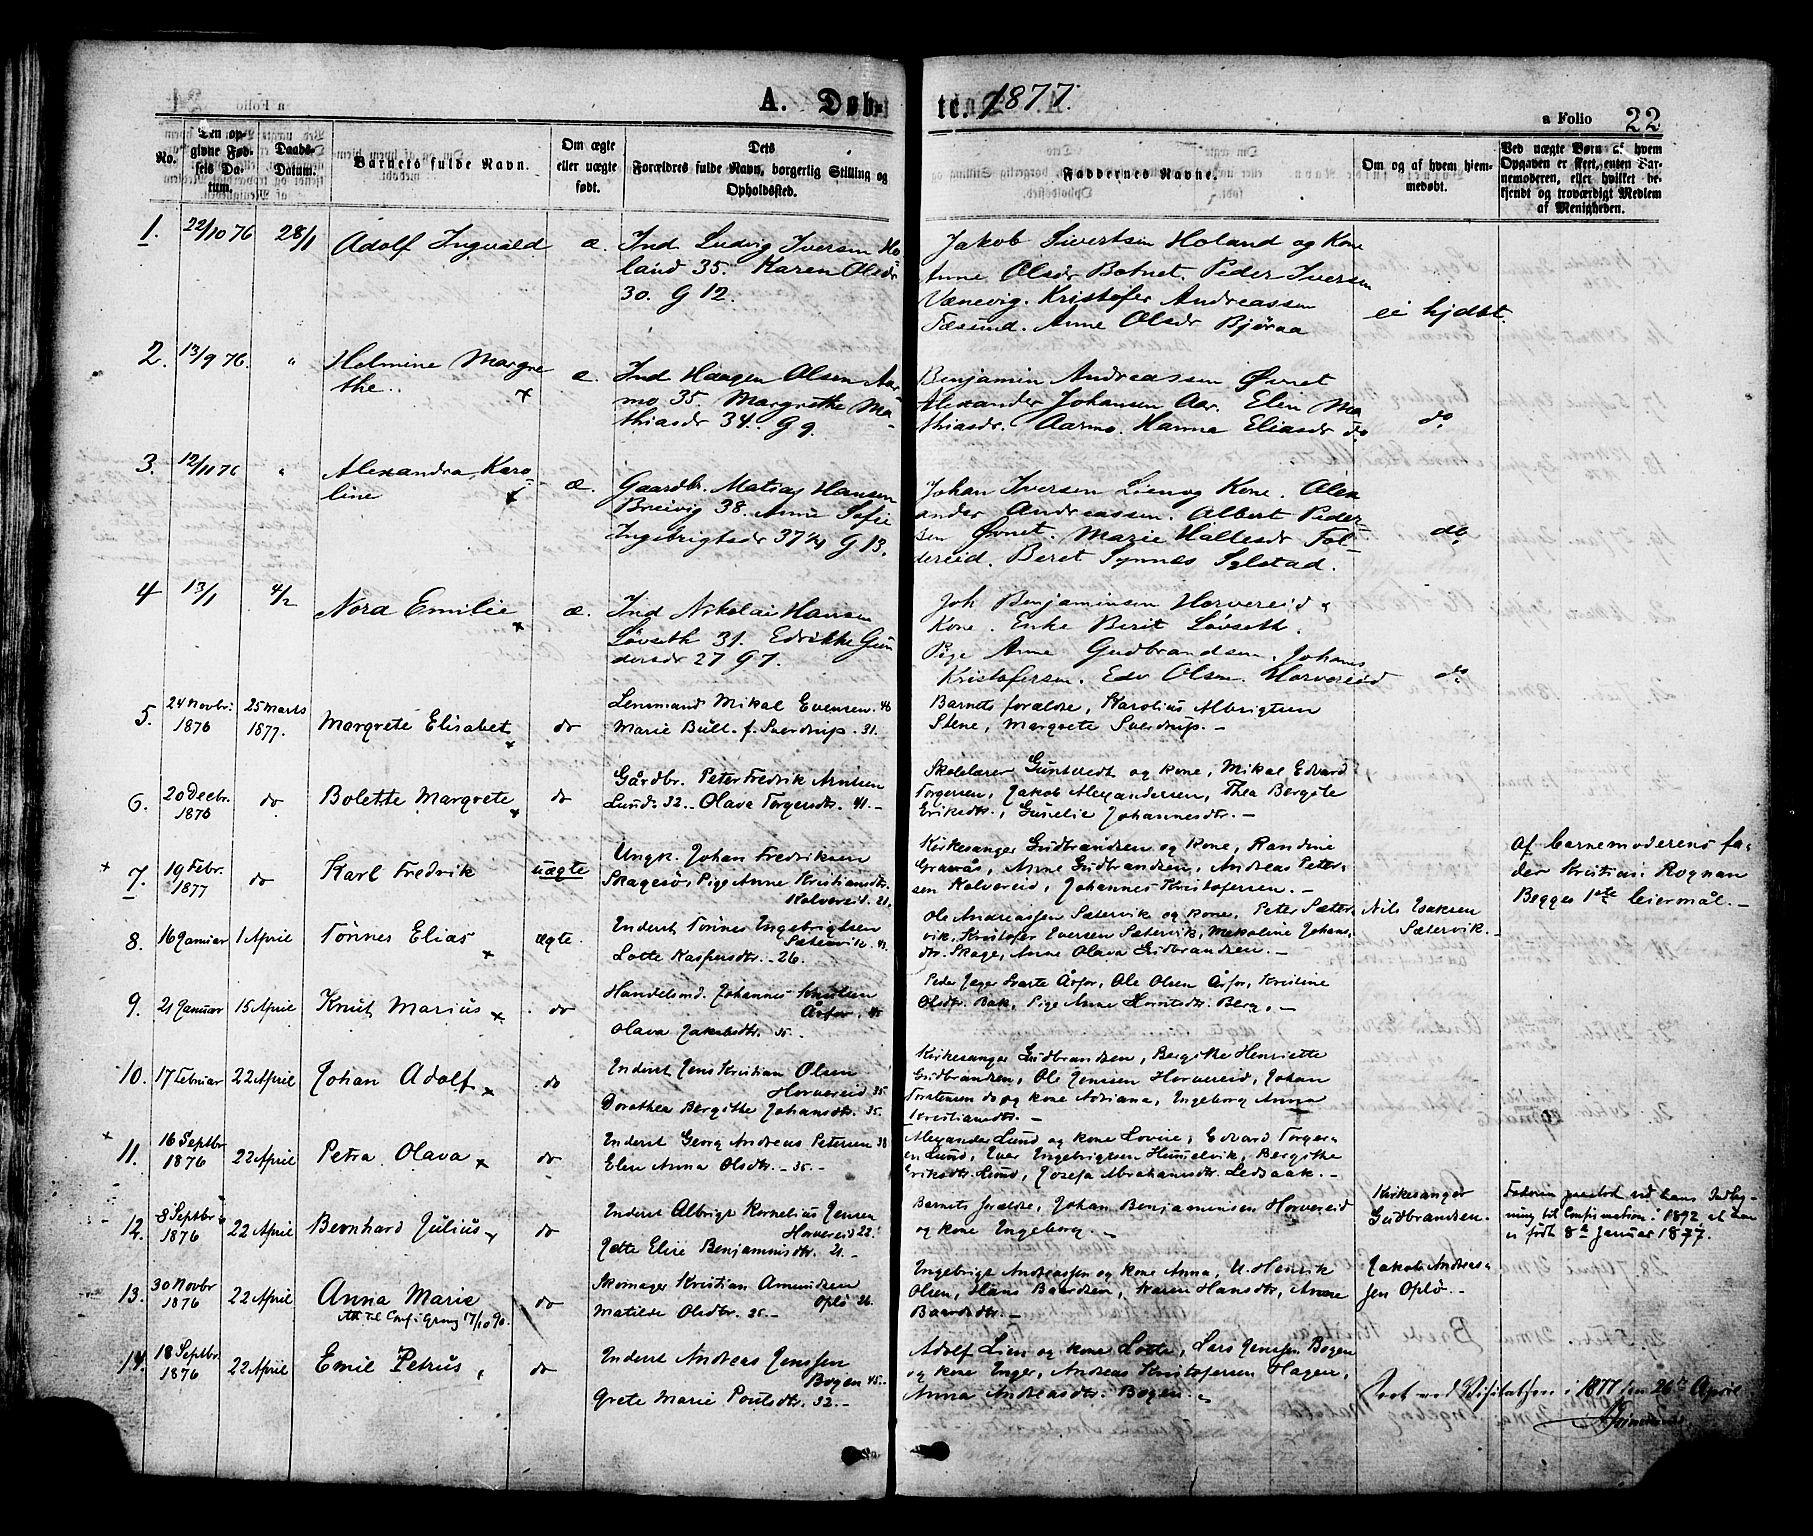 SAT, Ministerialprotokoller, klokkerbøker og fødselsregistre - Nord-Trøndelag, 780/L0642: Ministerialbok nr. 780A07 /1, 1874-1885, s. 22